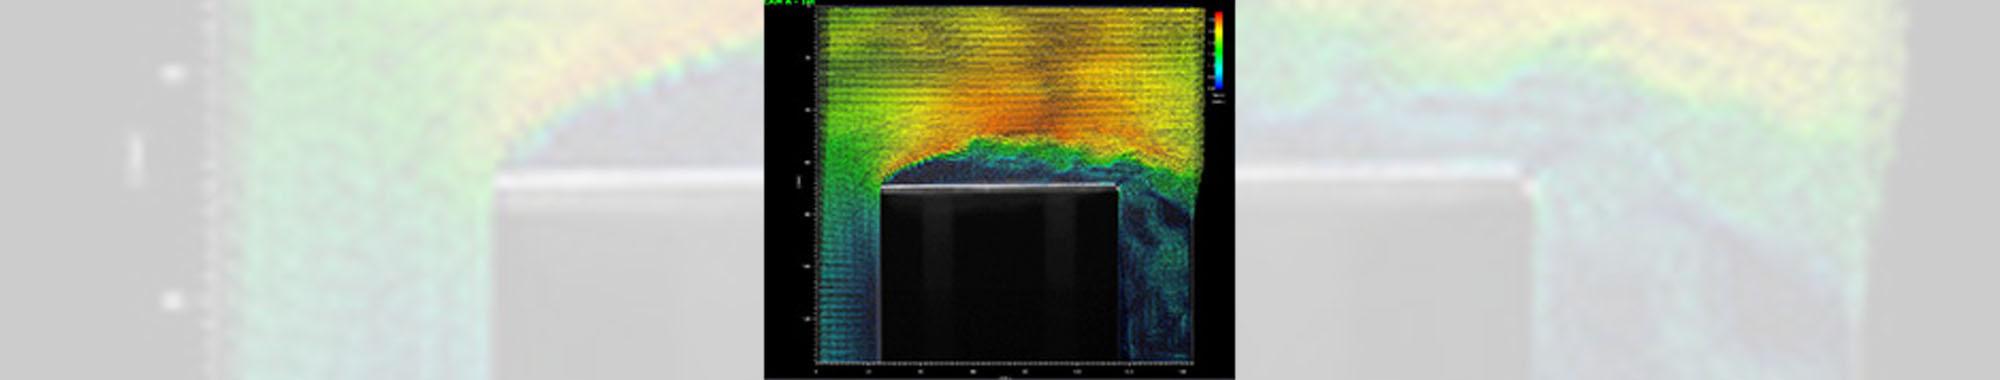 角柱周りの気流の流れの可視化、PIV解析